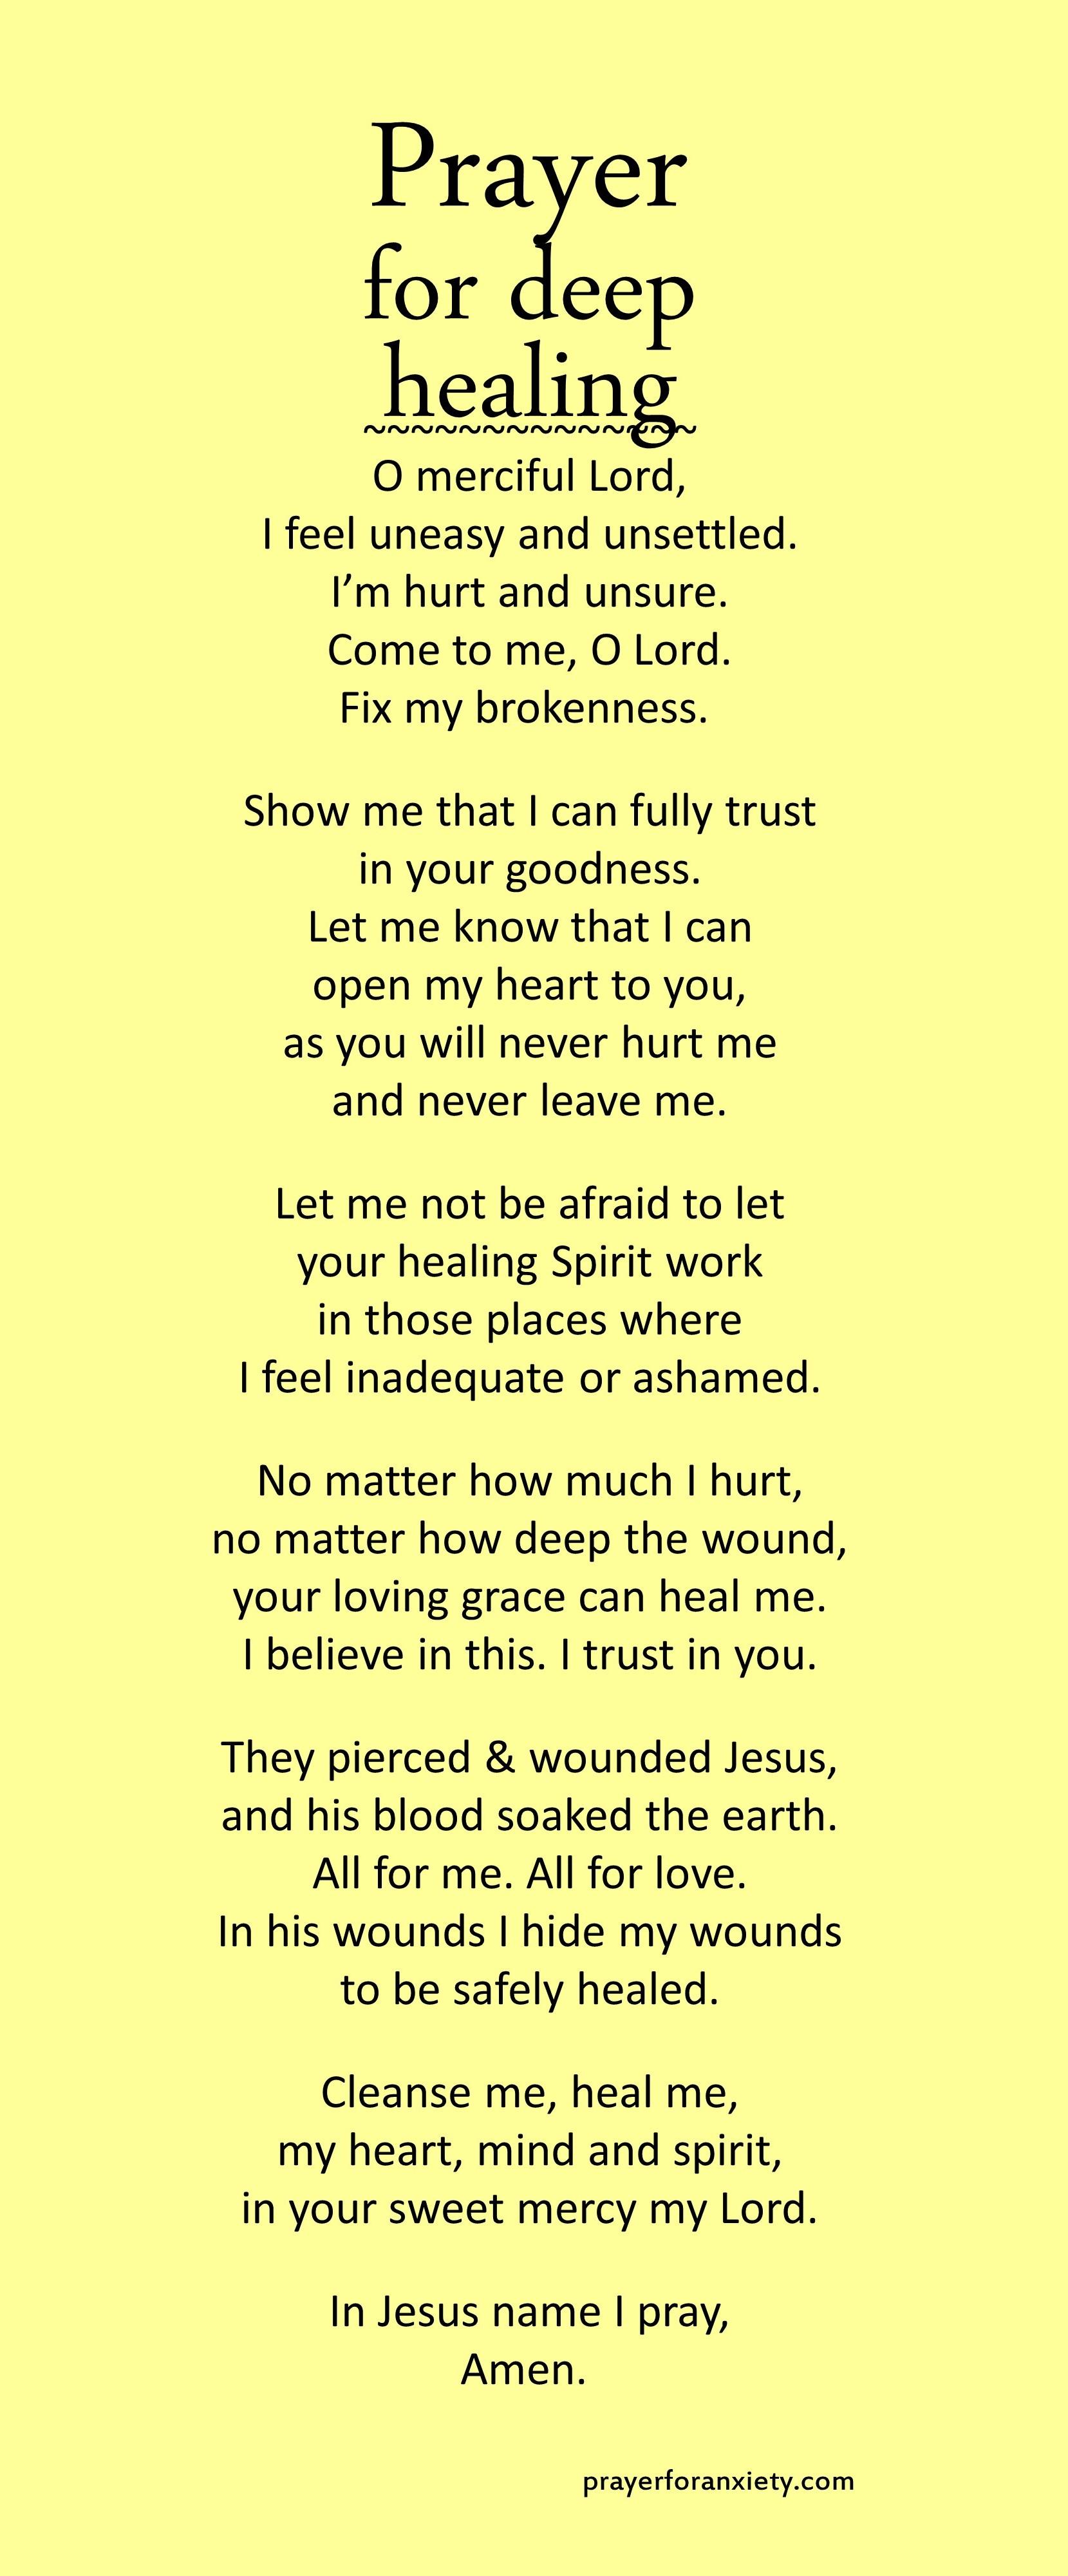 Prayer for deep healing